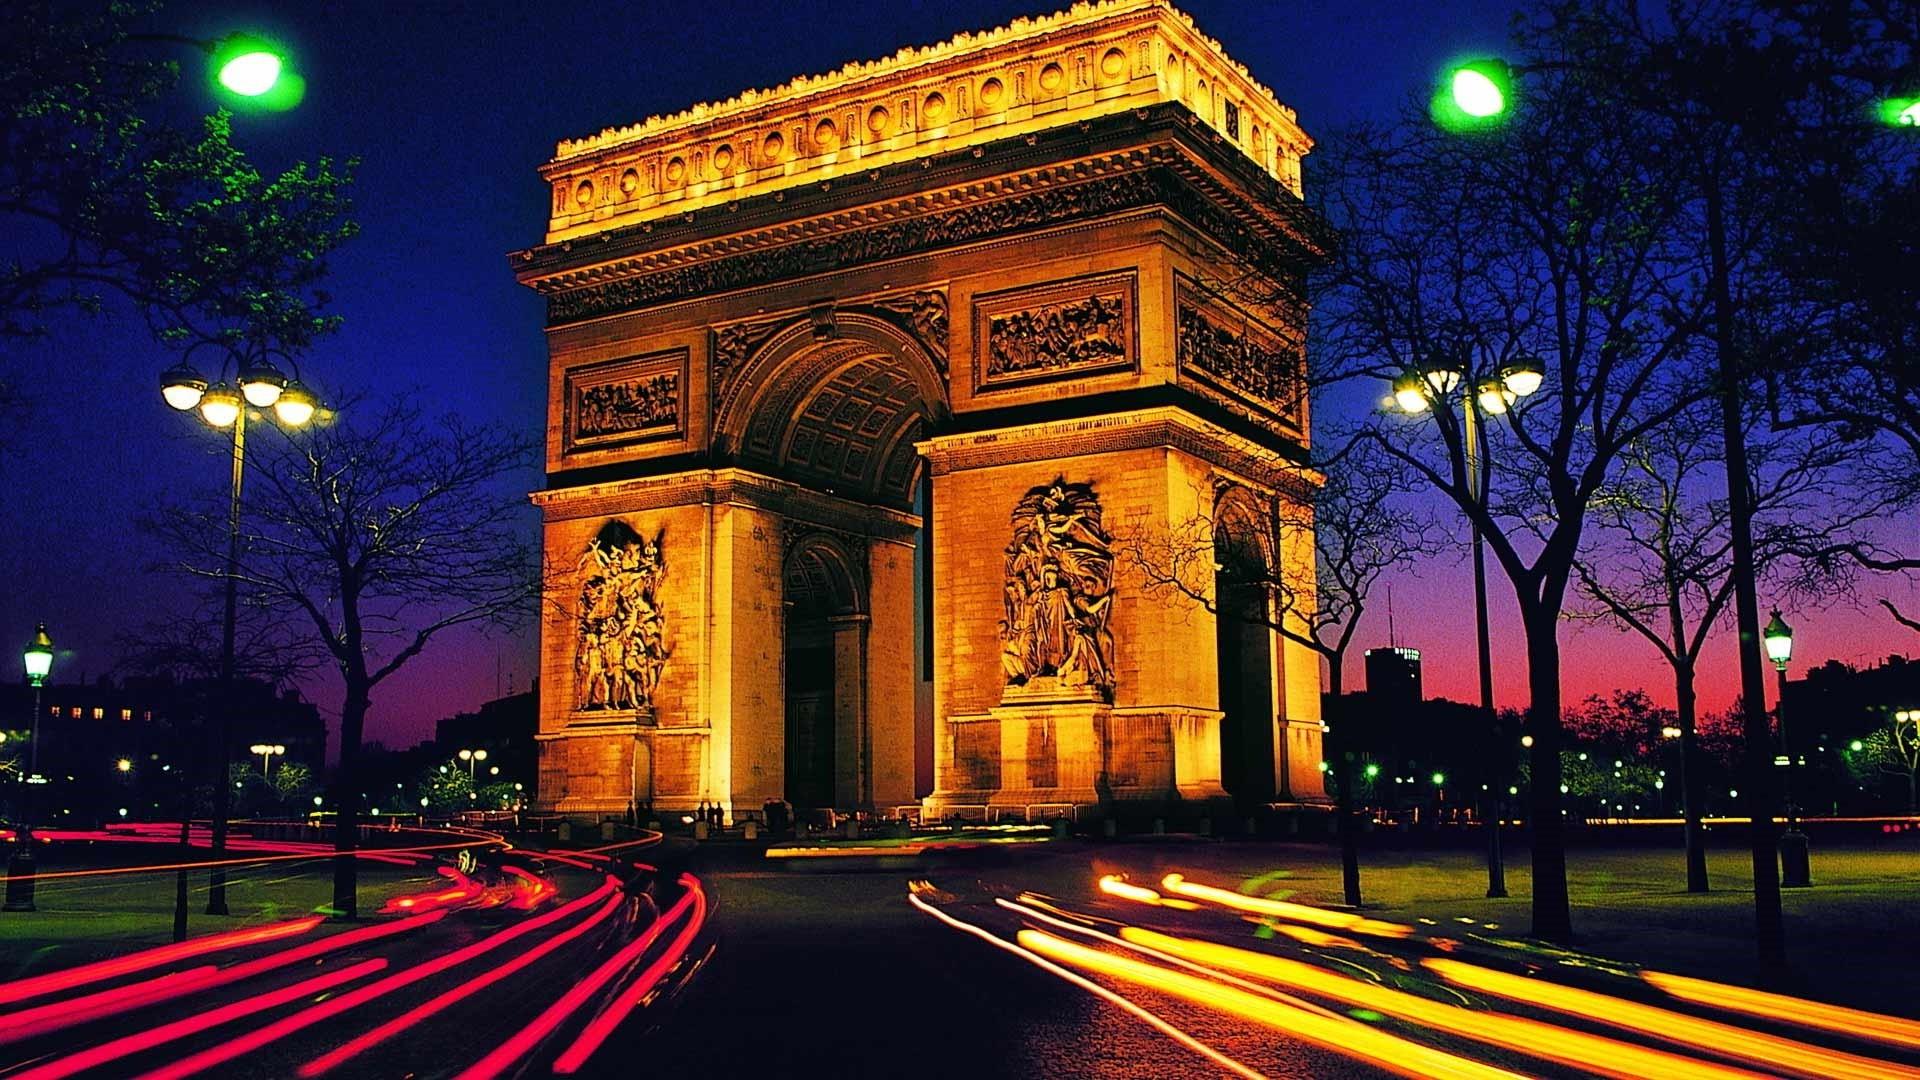 Arc De Triomphe wallpaper for desktop